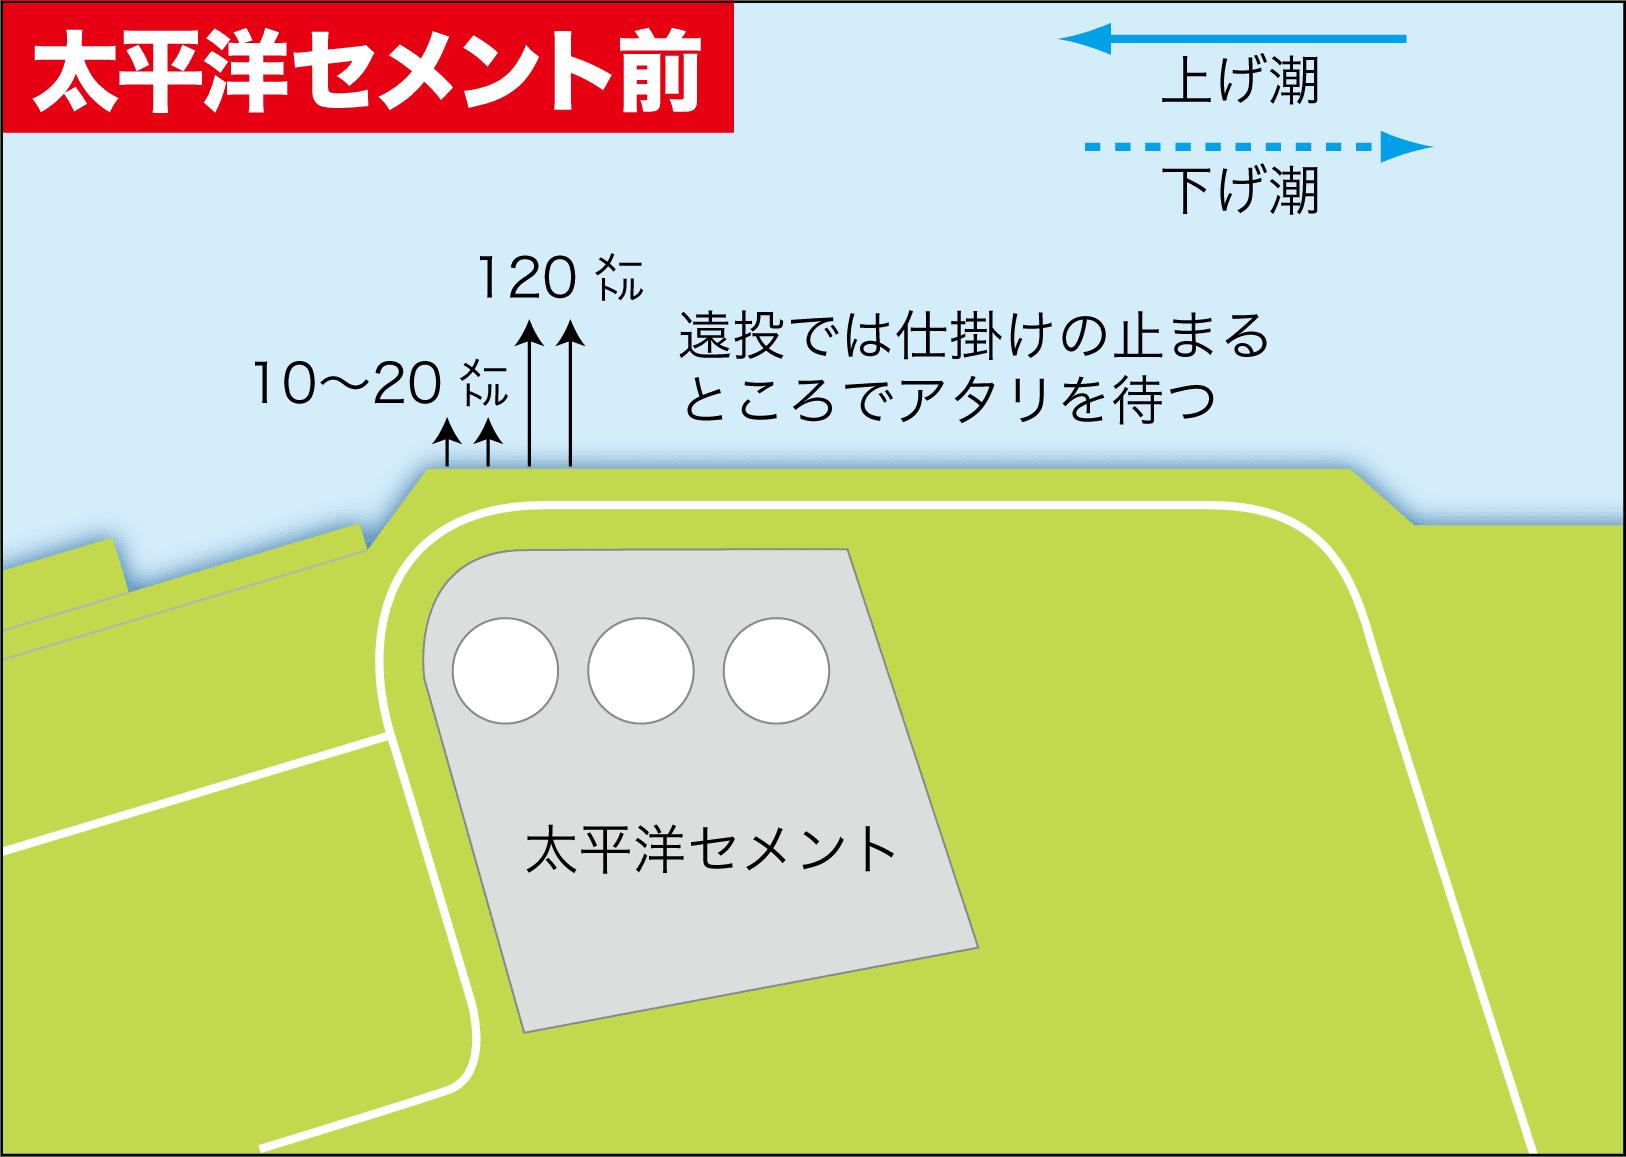 境水道アイナメ14